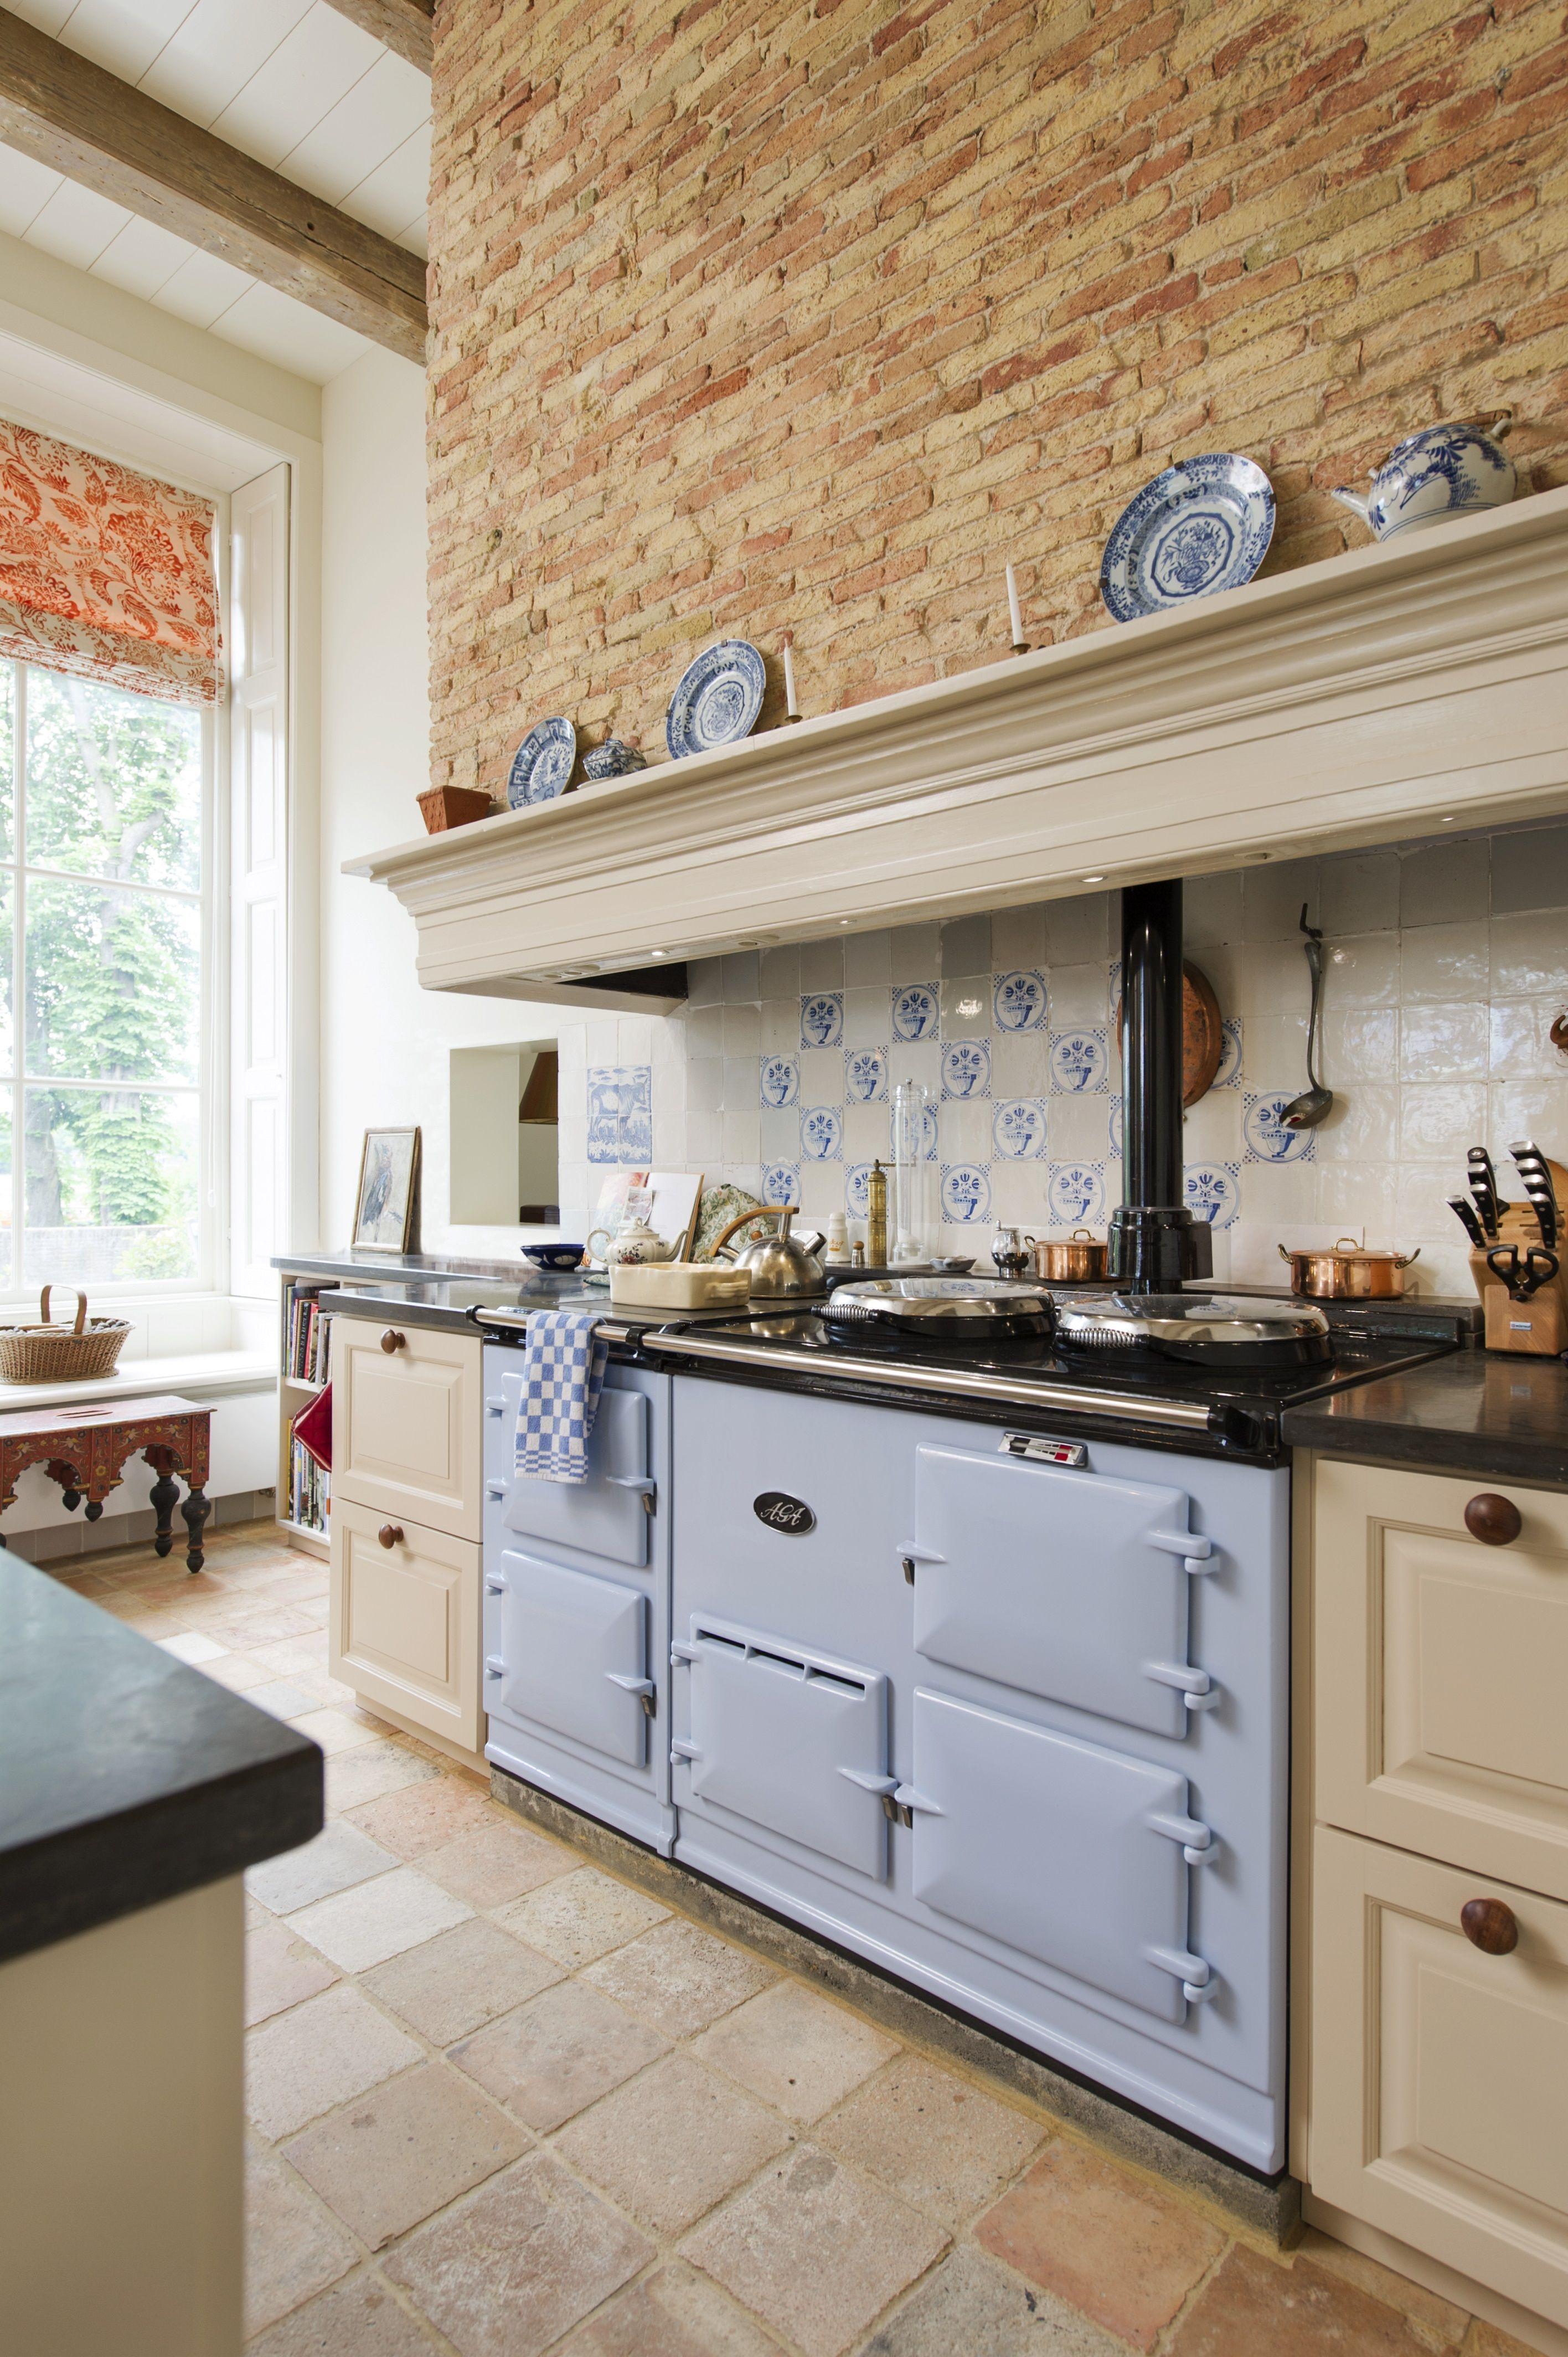 Landelijke keuken met mooie schouw en AGA fornuis